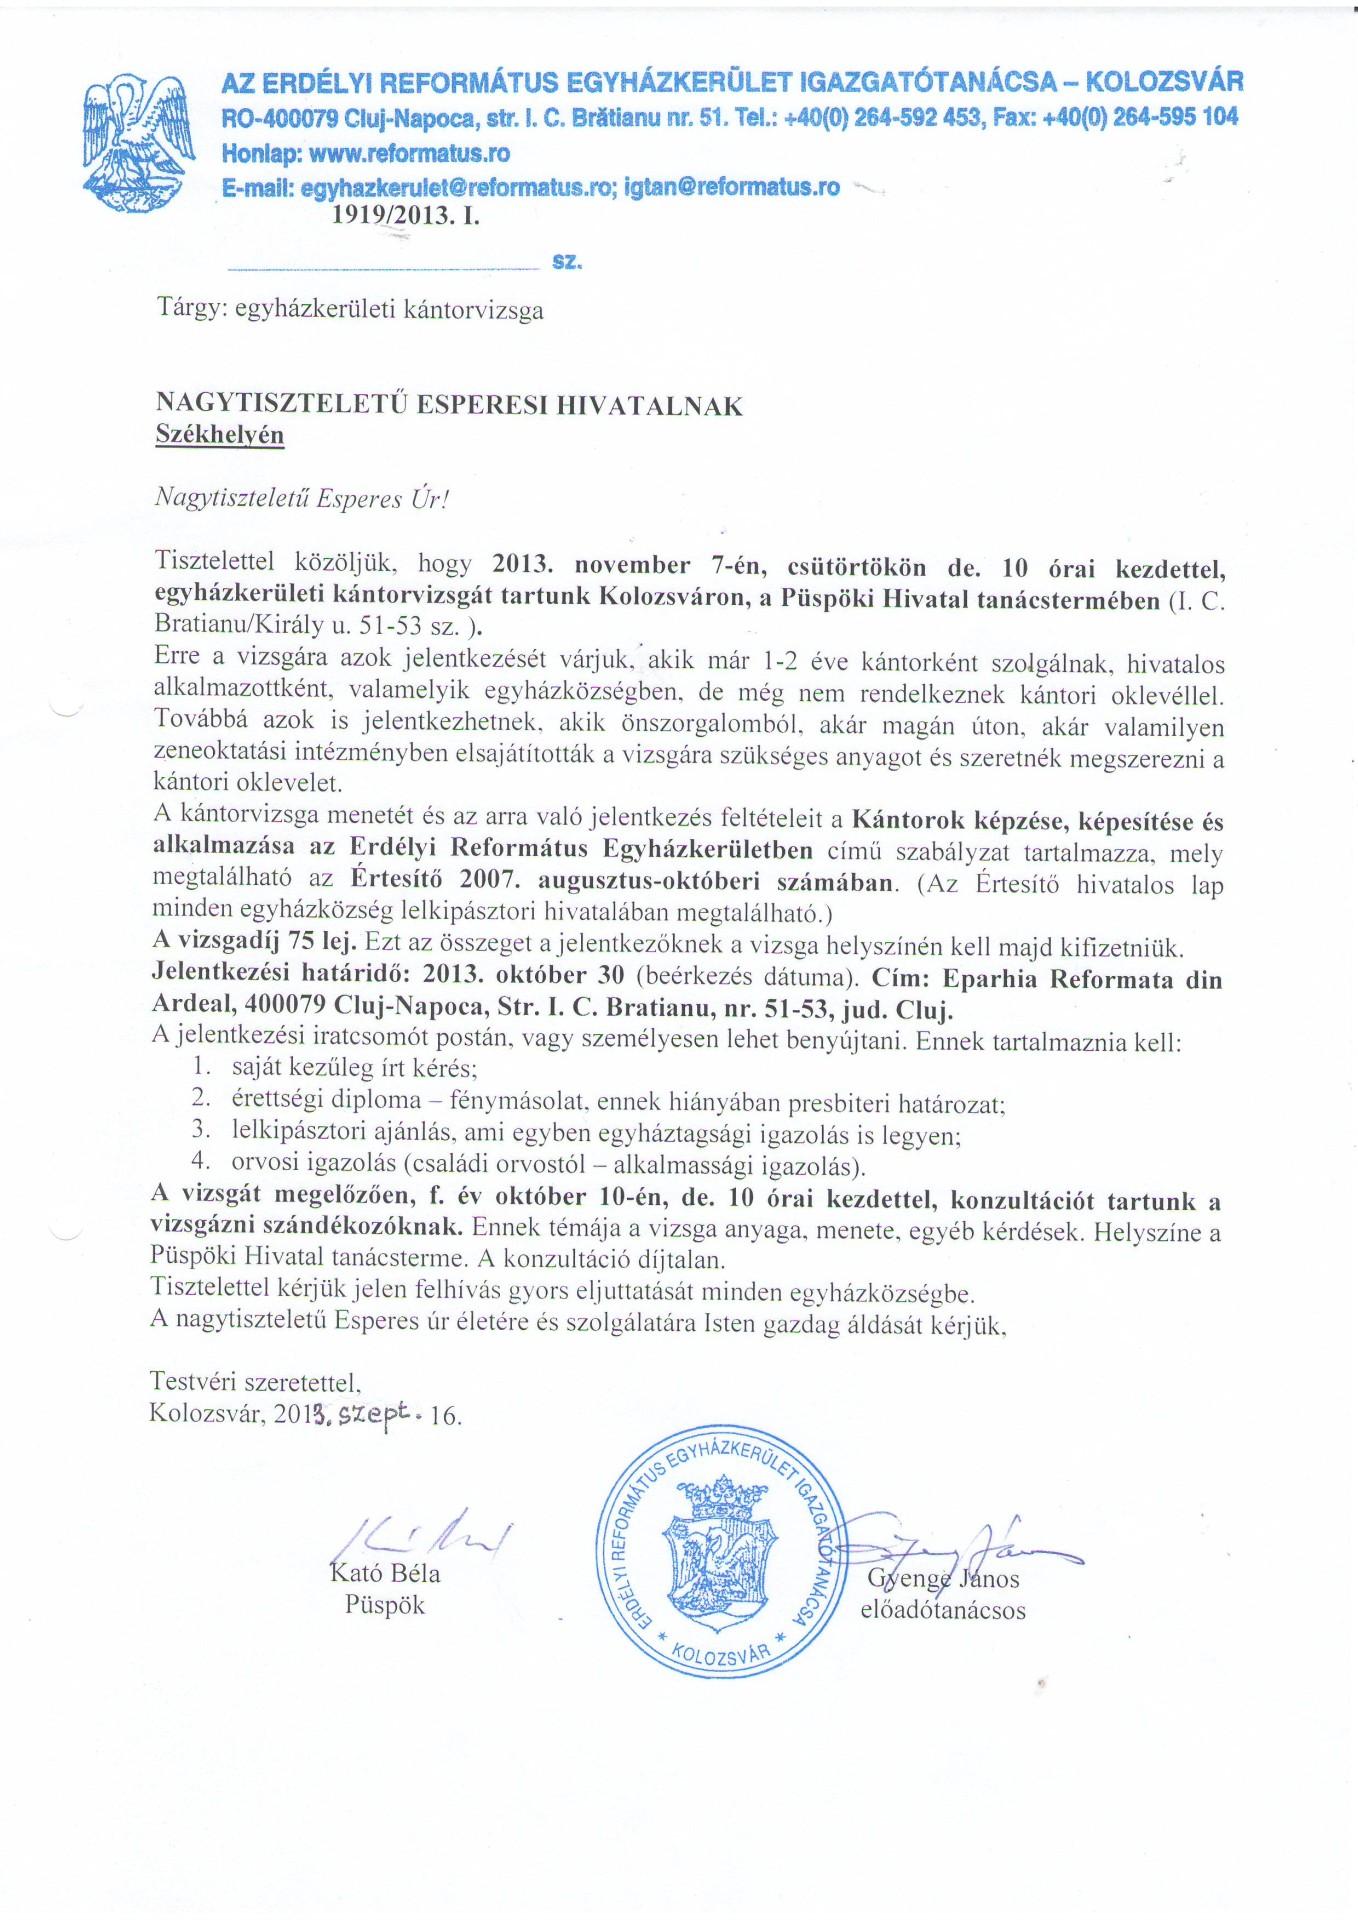 Egyházkerületi kántorvizsga Kolozsváron